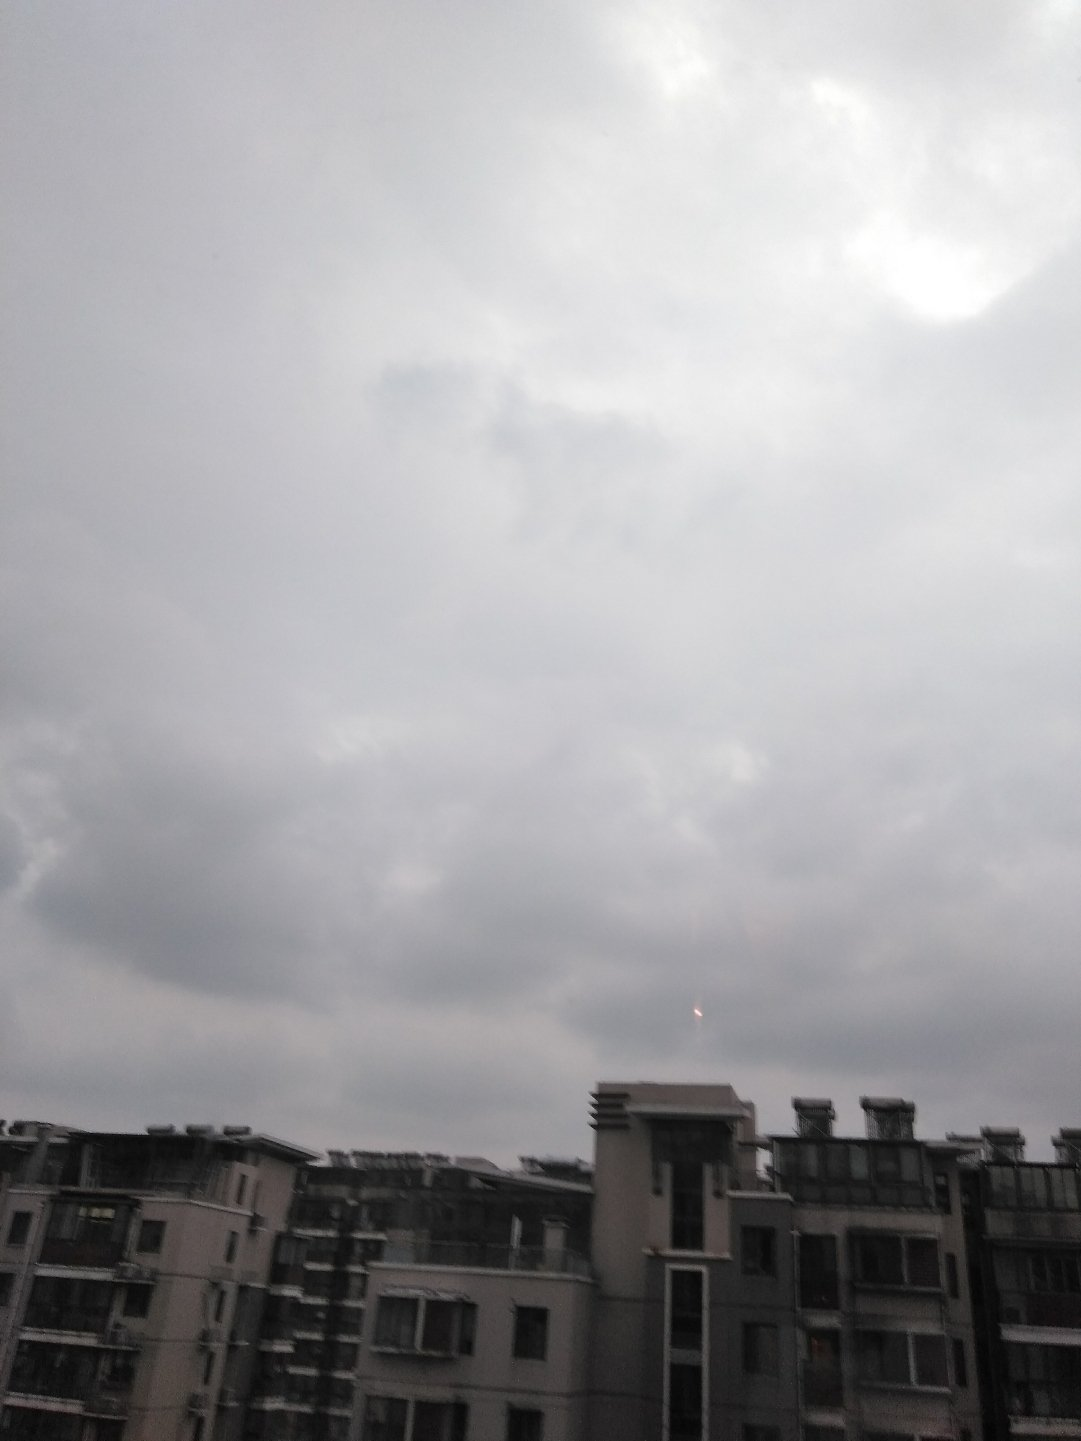 江苏省无锡市滨湖区鸿桥路靠近小桃源(地铁站)天气预报